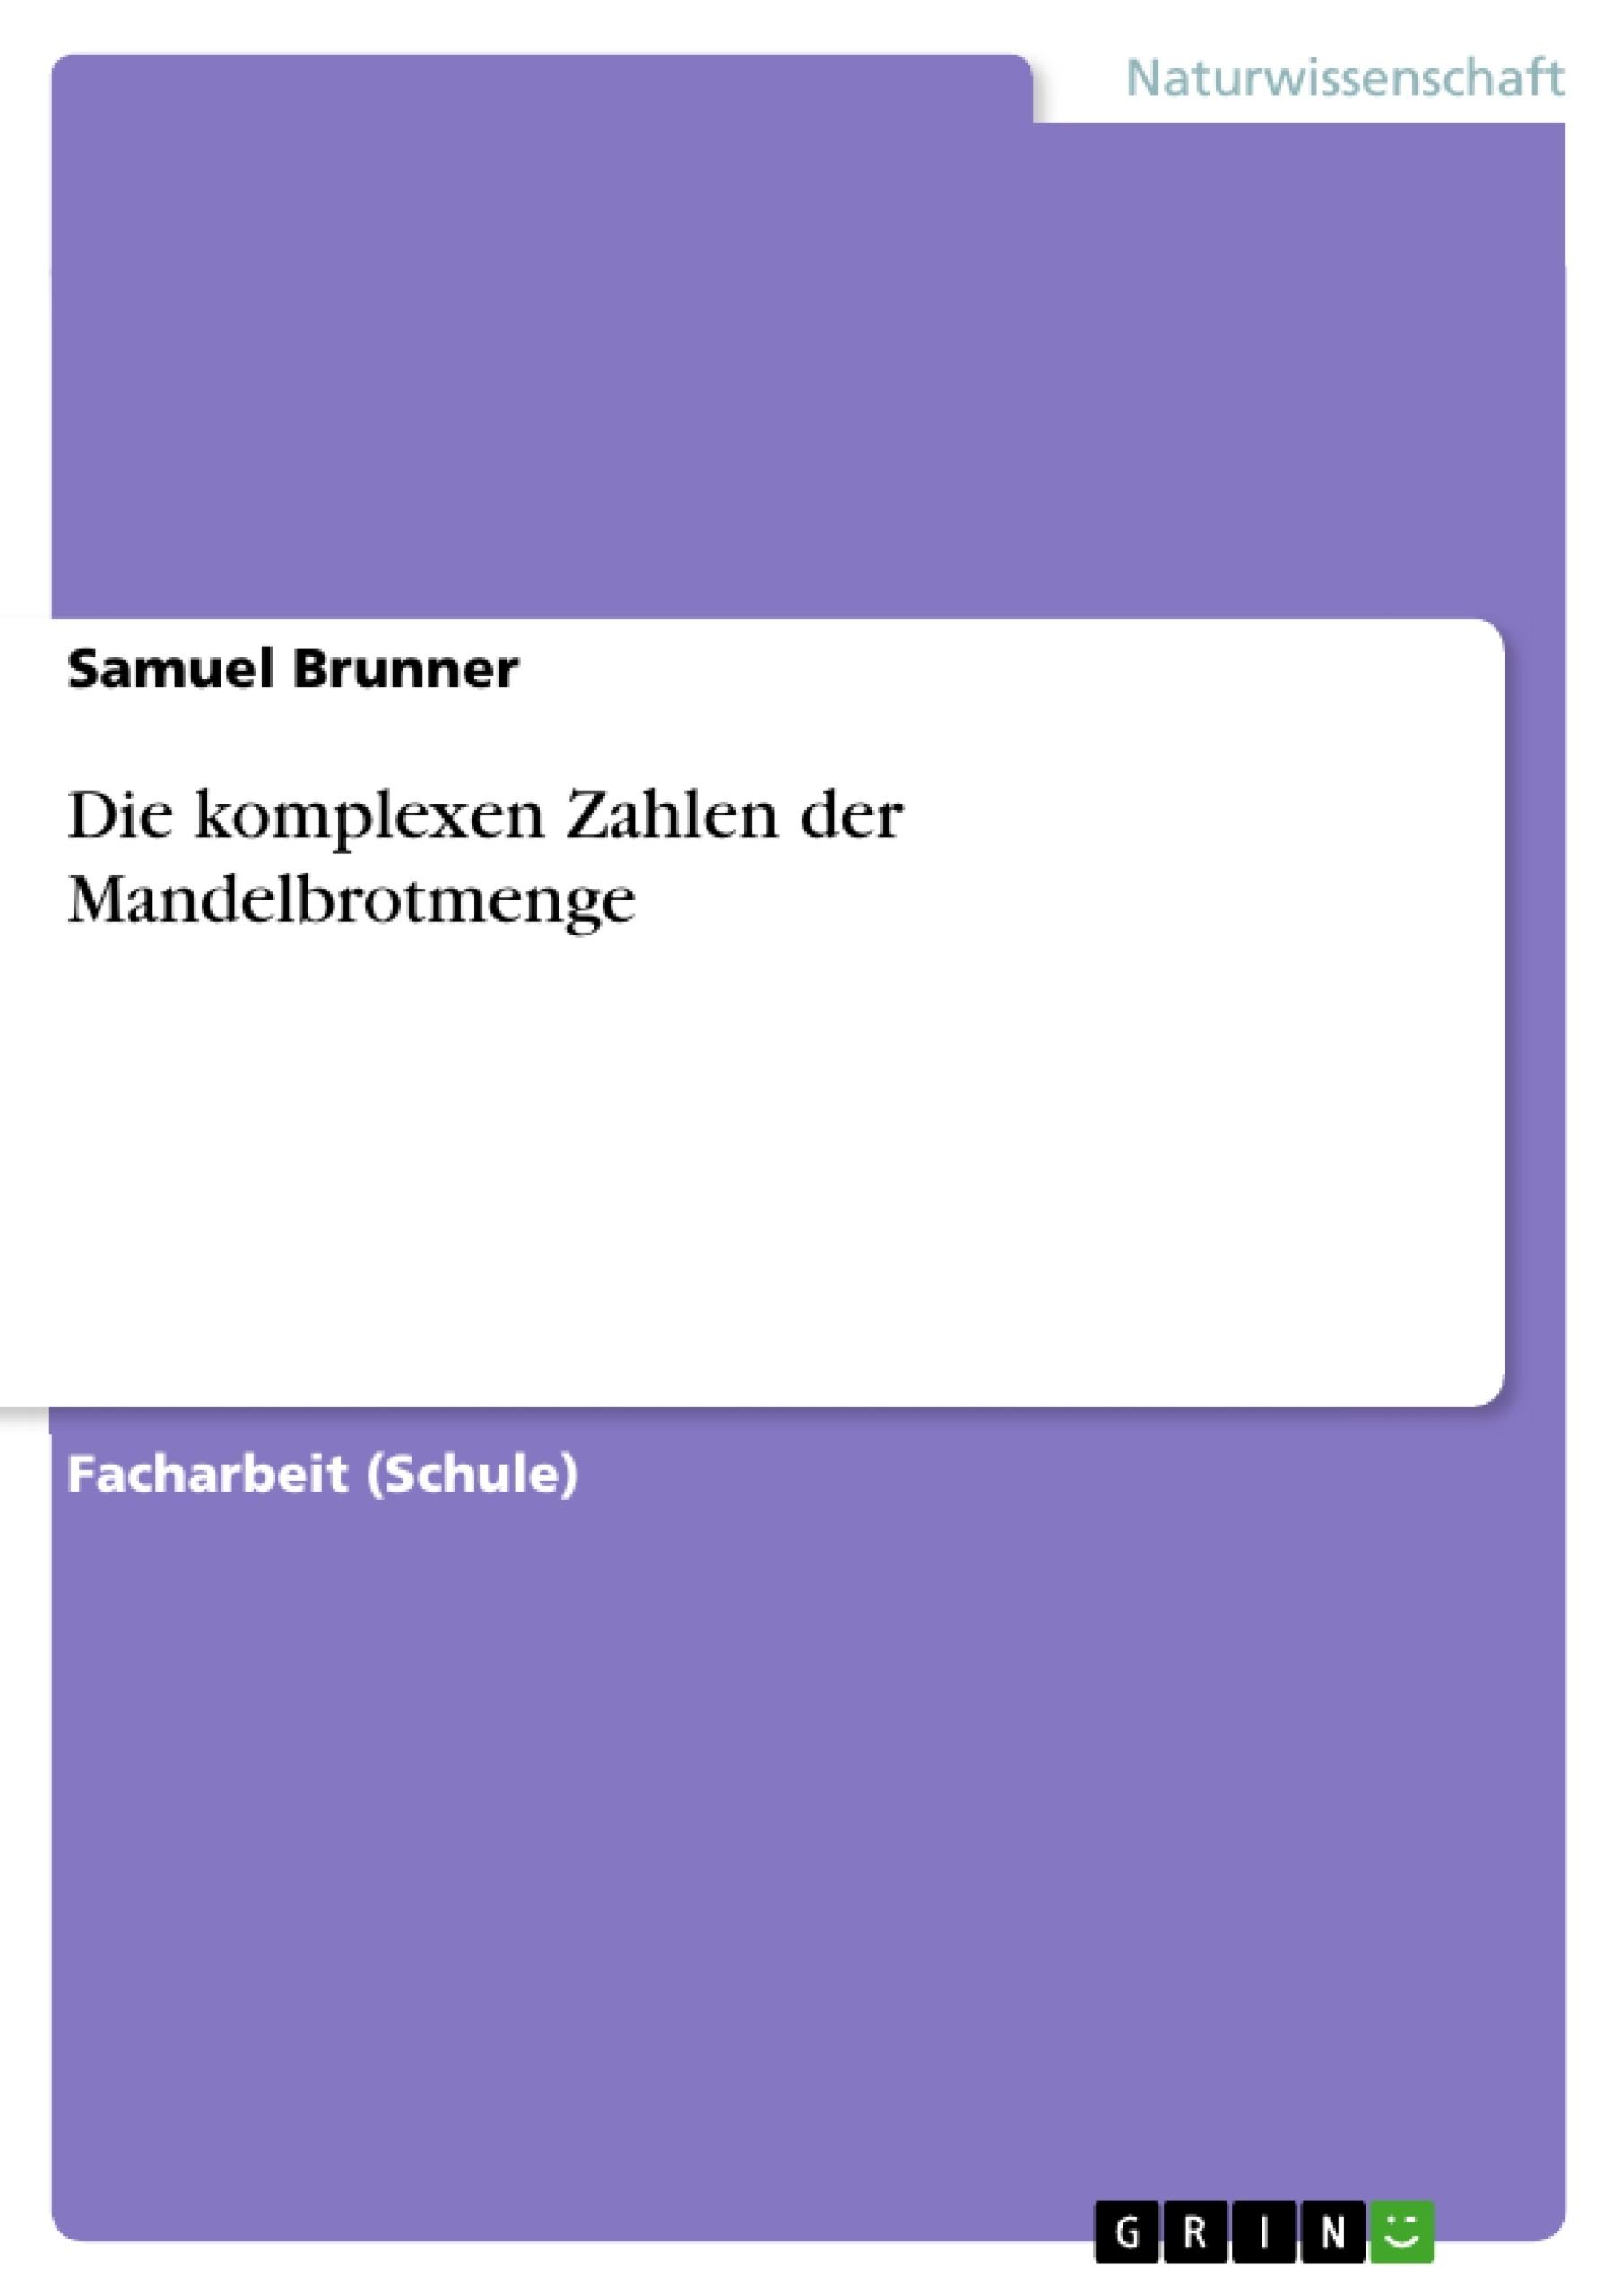 Titel: Die komplexen Zahlen der Mandelbrotmenge